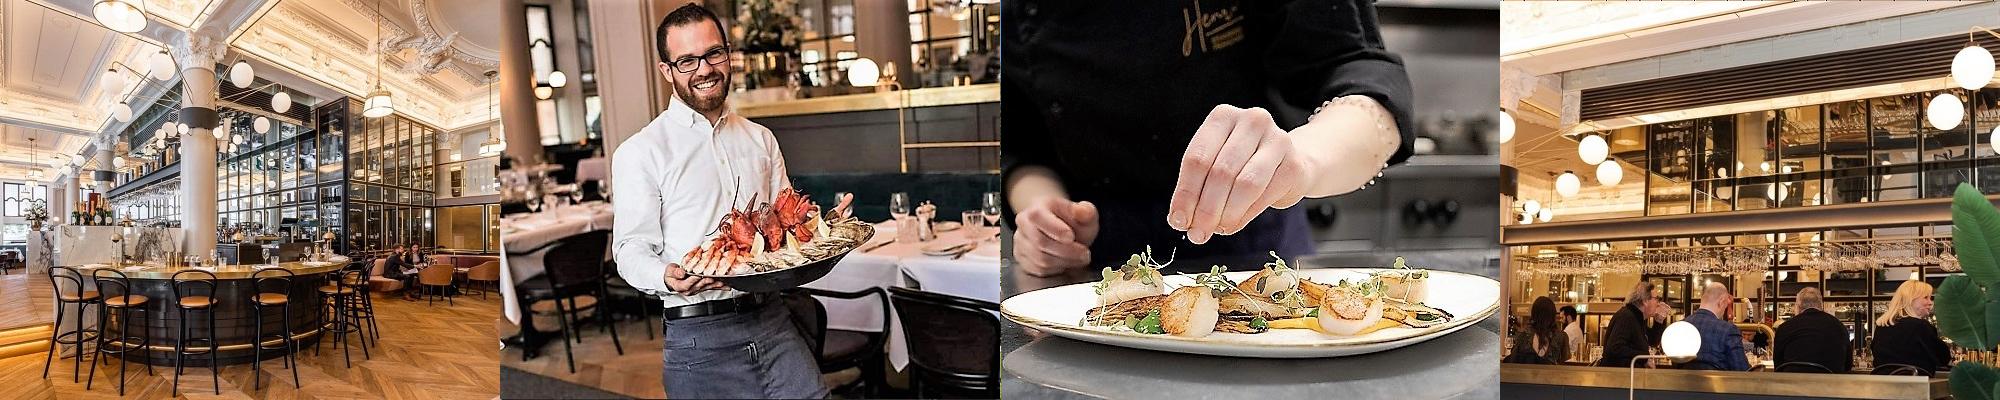 Henri ,Montréal ,restaurant ,gastronomique ,grandes tables ,carte des vins ,Sélection Vindici ,œnotourisme ,oenotourisme ,terroir ,vins d'ici ,Sud du Québec ,